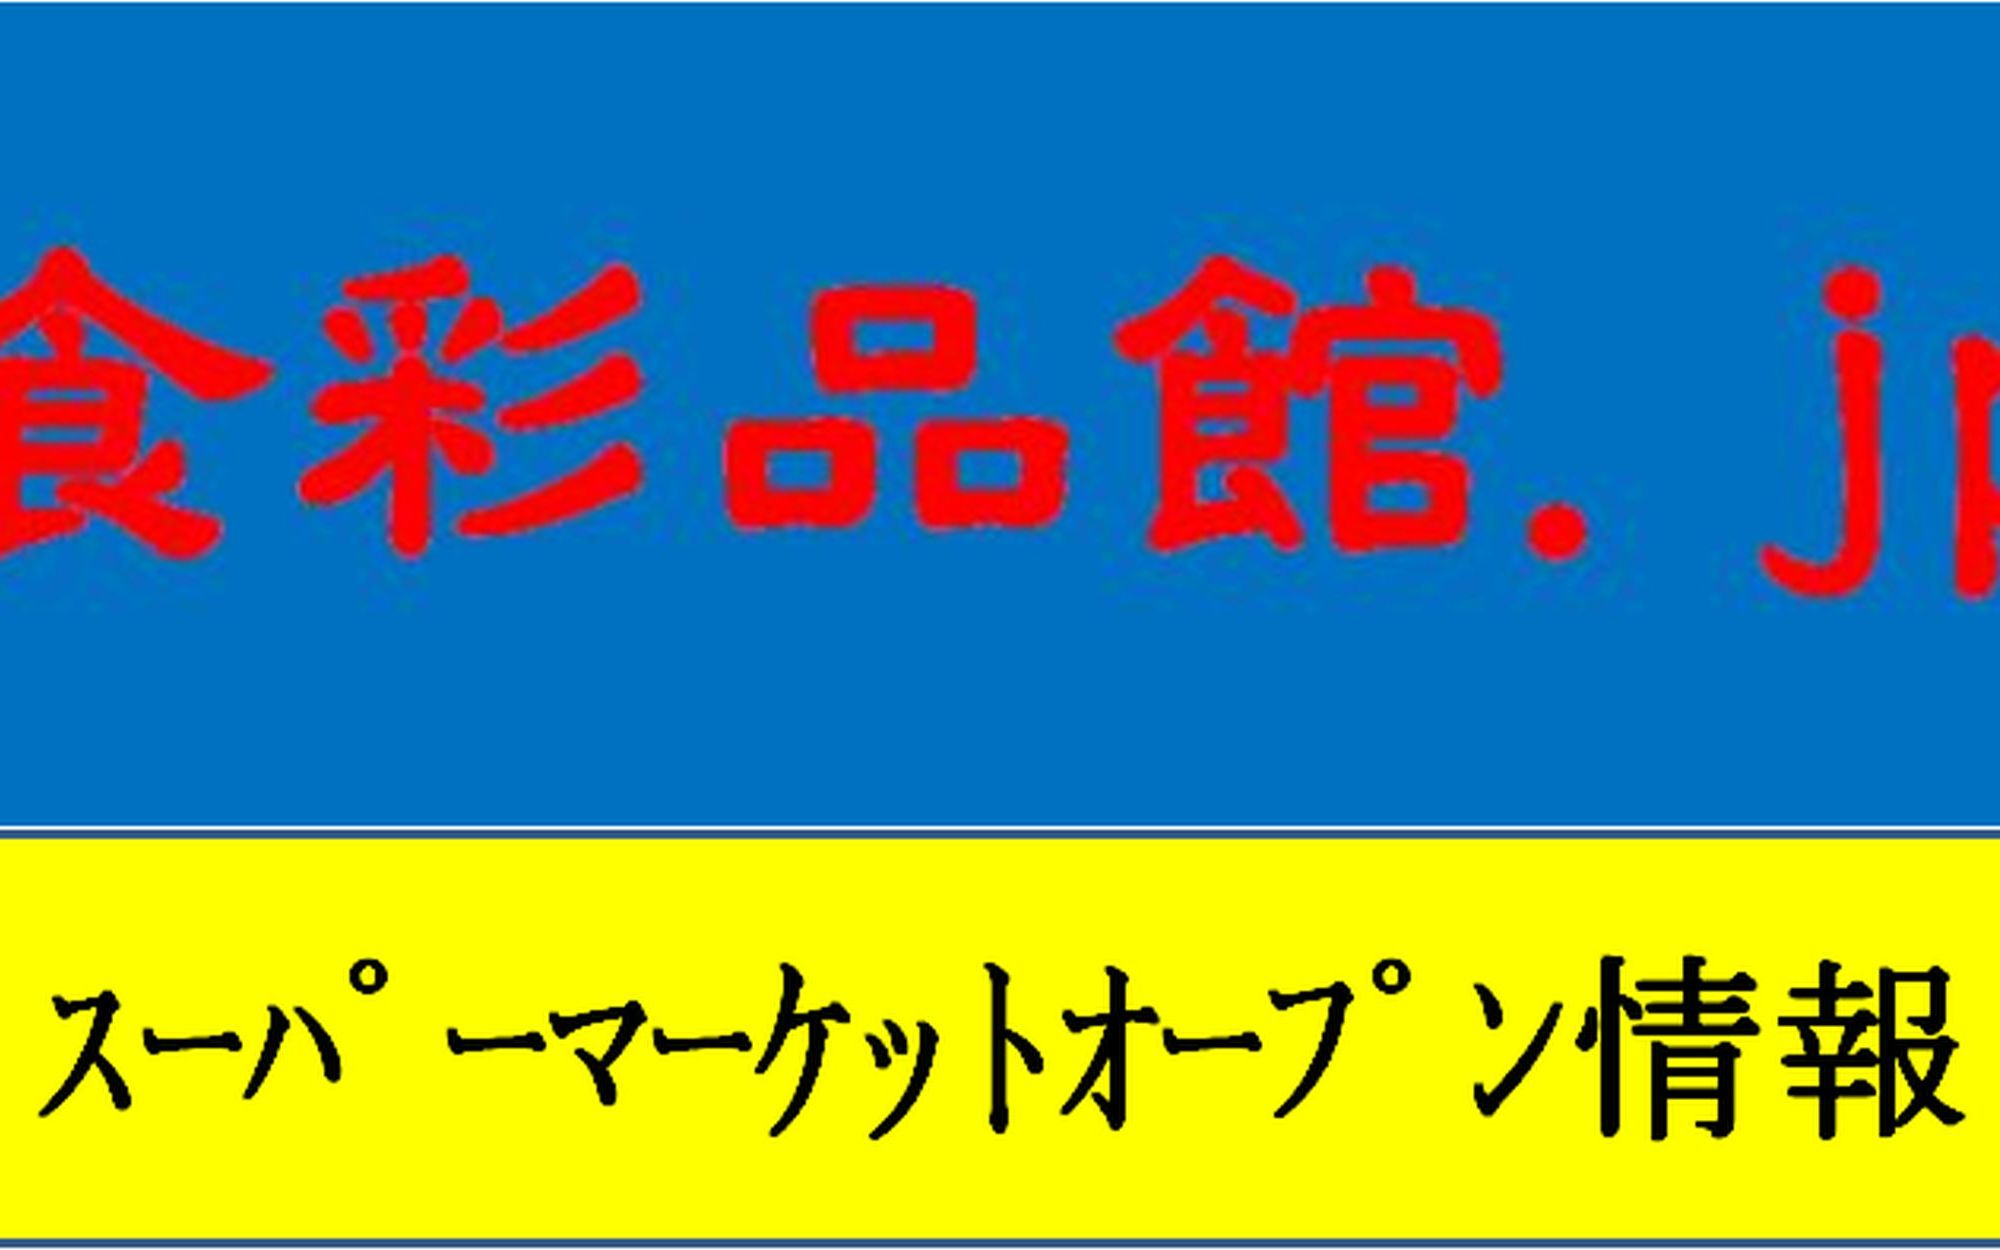 マルキョウ神野店(佐賀市)2020年8月7日改装オープン